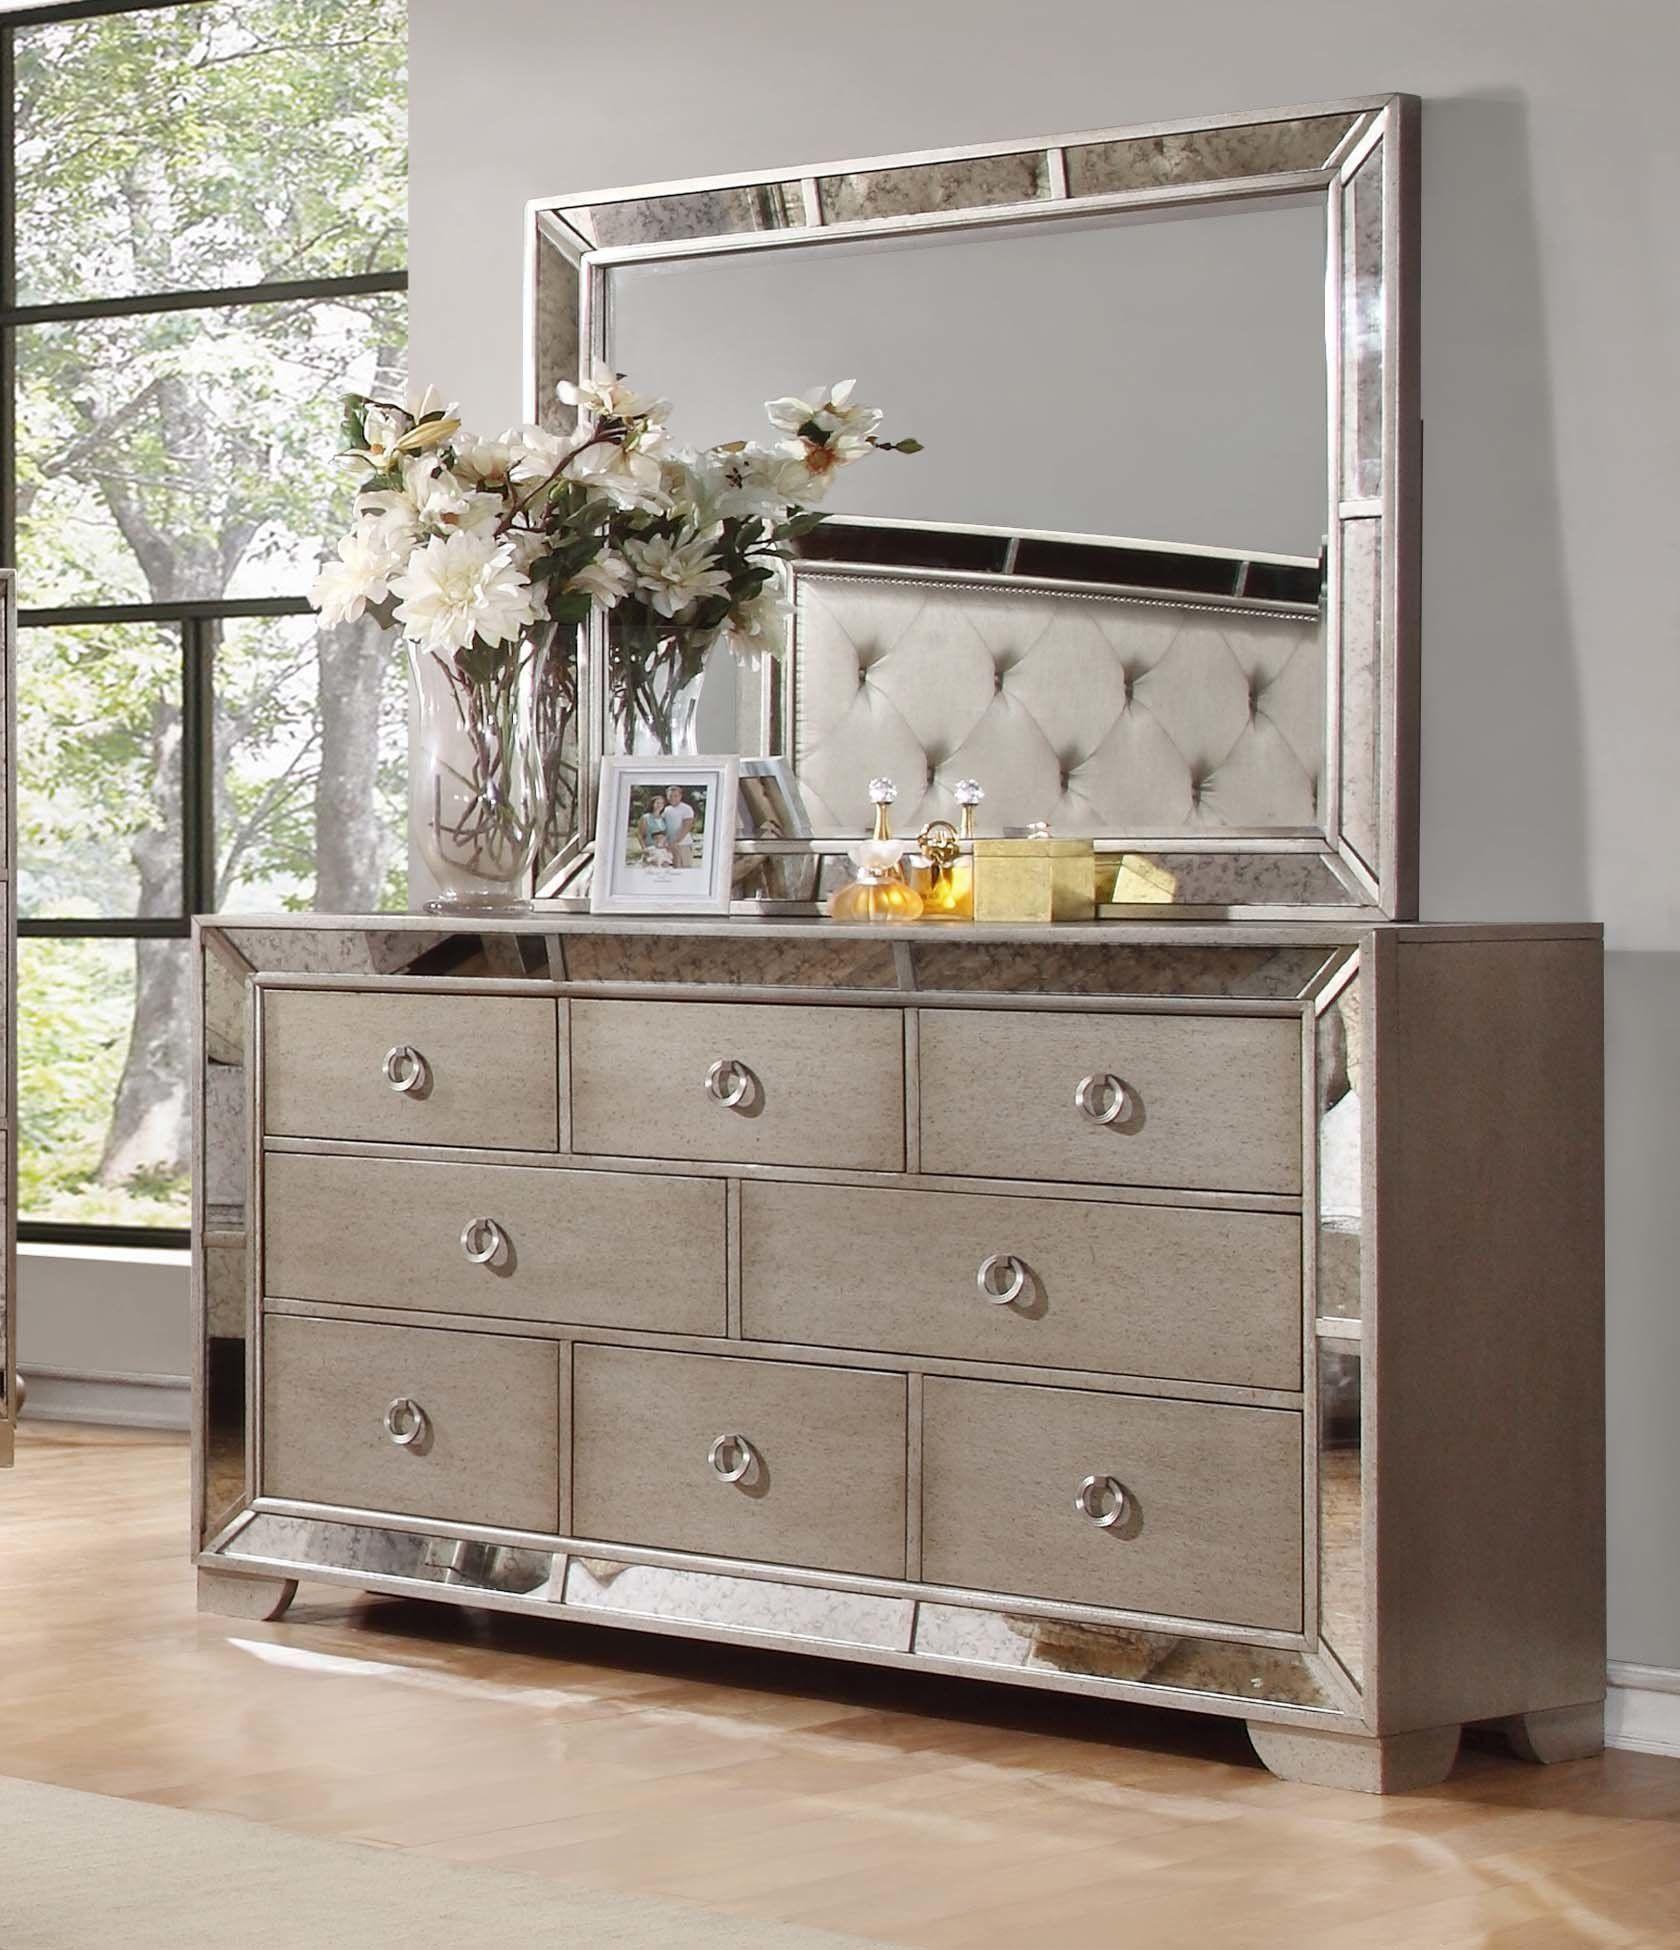 Modern Contemporary Accent Mirror Best Master Furniture Dresser With Mirror Mirrored Furniture